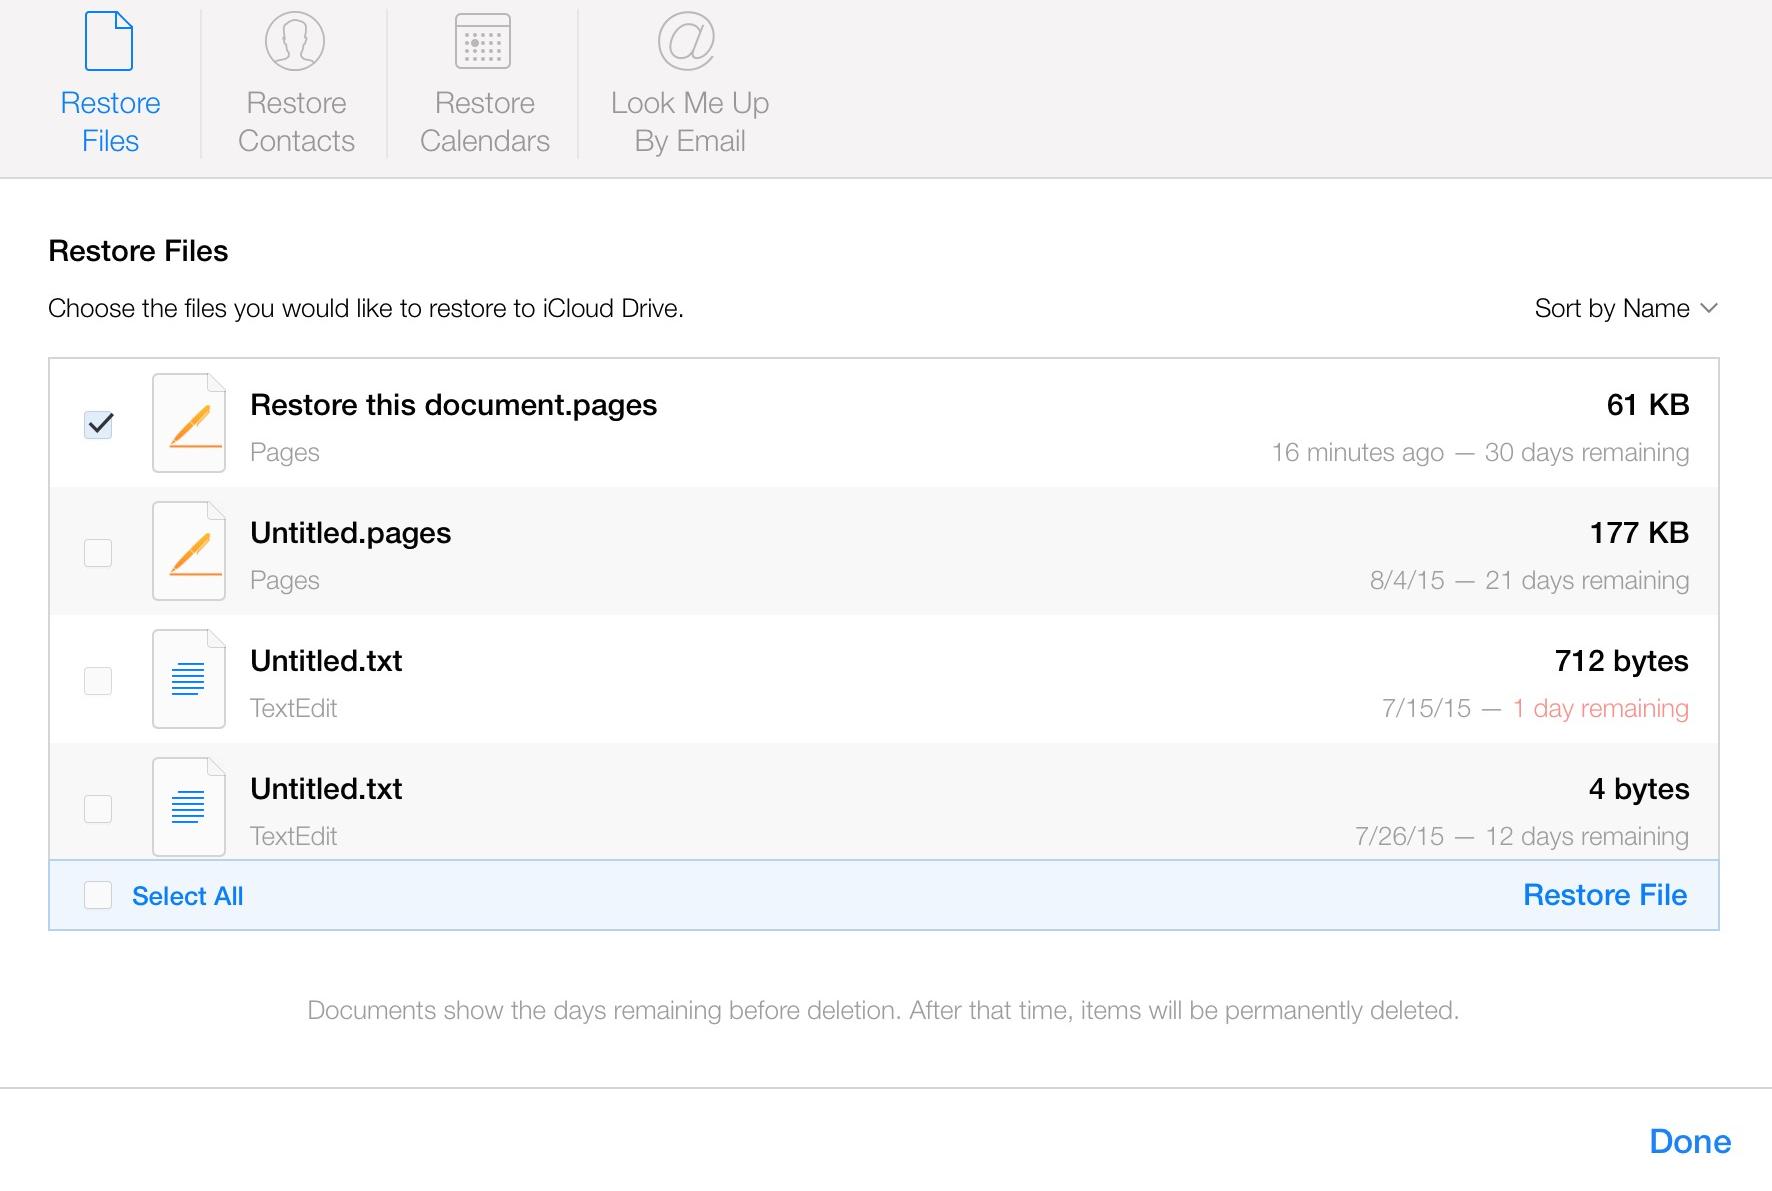 iCloud Restore File